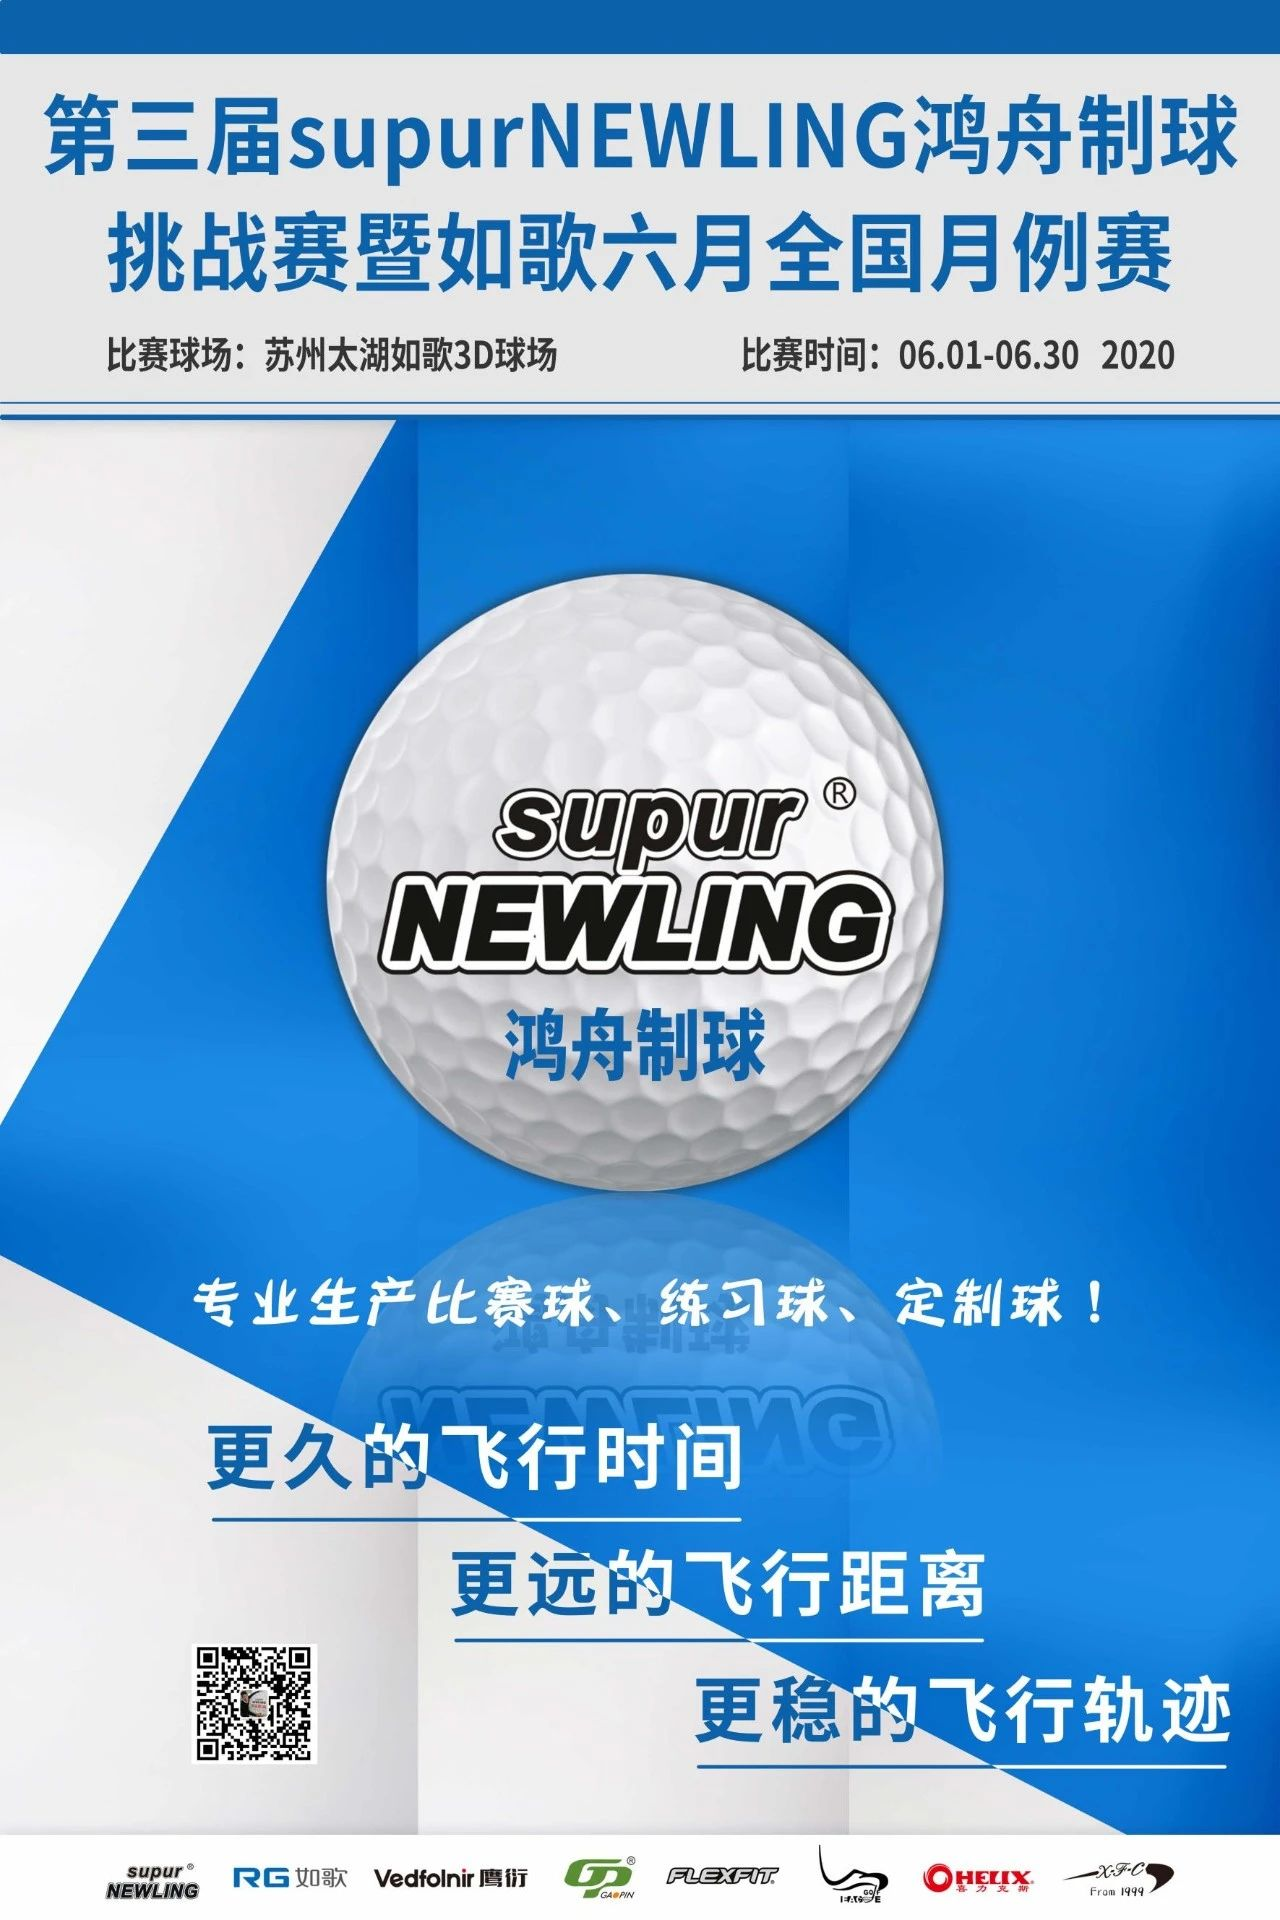 第三届supurNEWLING鸿舟制球挑战赛暨如歌6月全国月例赛.jpg